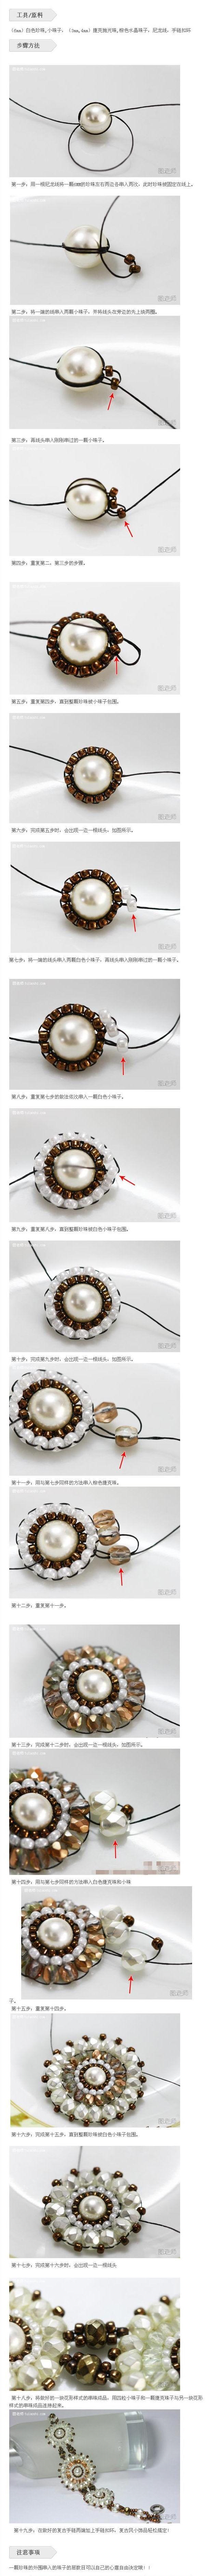 Tutorial for a Retro beaded bracelet